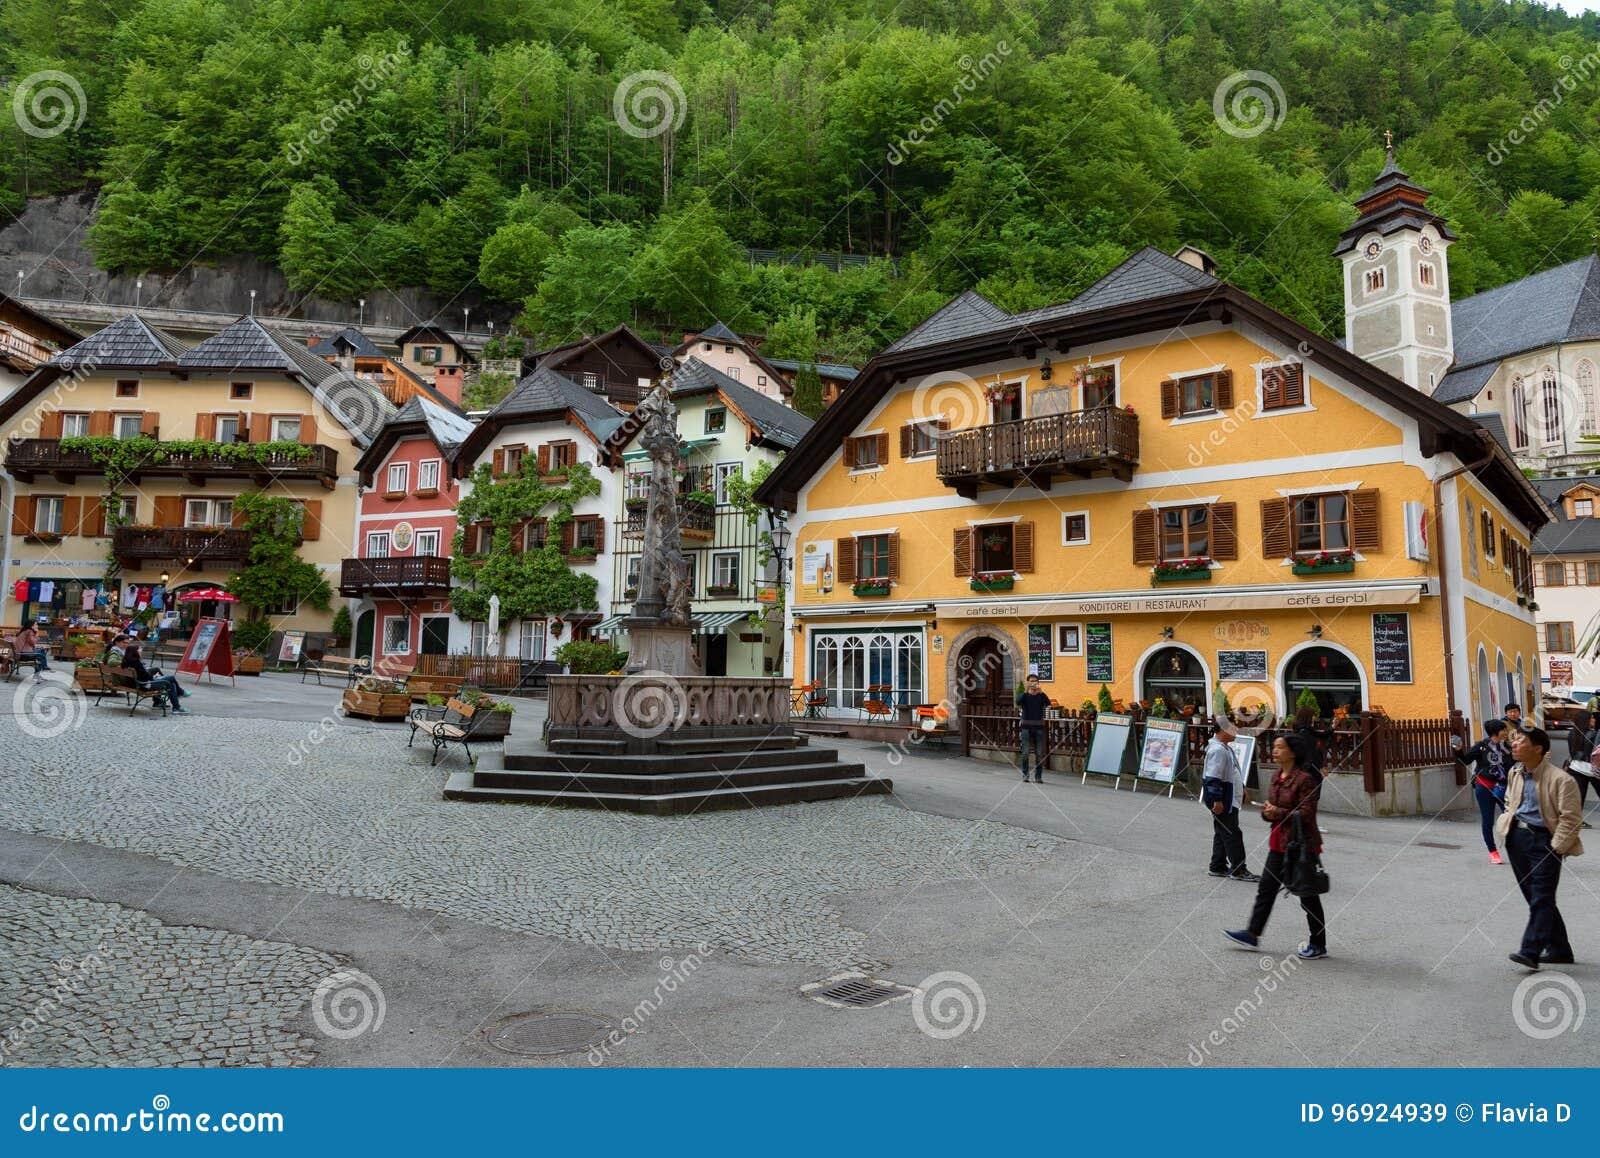 Fiori 21 Maggio 2017.Hallstatt Austria 21 Maggio 2017 Piazza In Hallstatt Austria